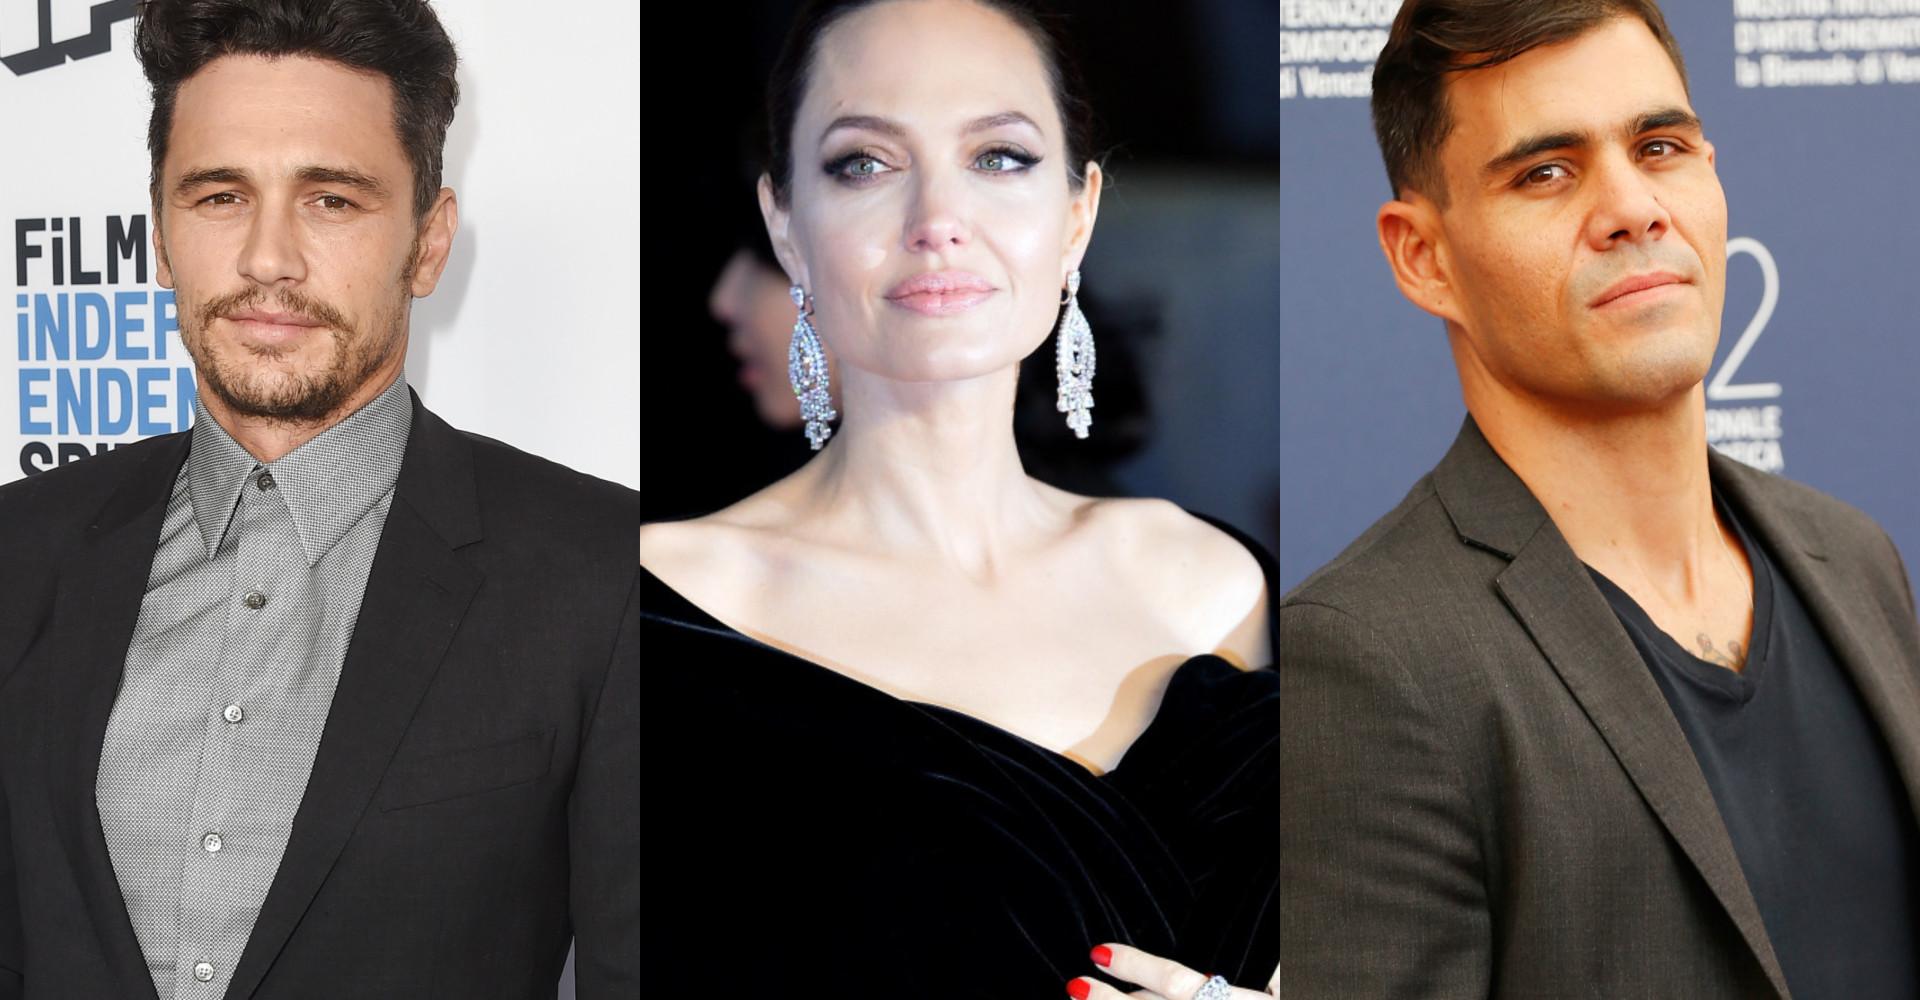 Você sabia que essas celebridades poderiam ser o seu professor?